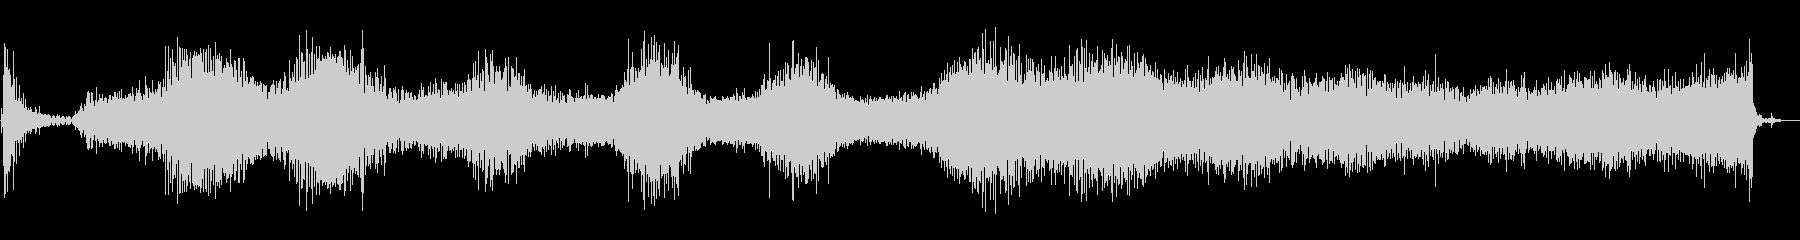 パワースプレーウォッシャー:スプレ...の未再生の波形